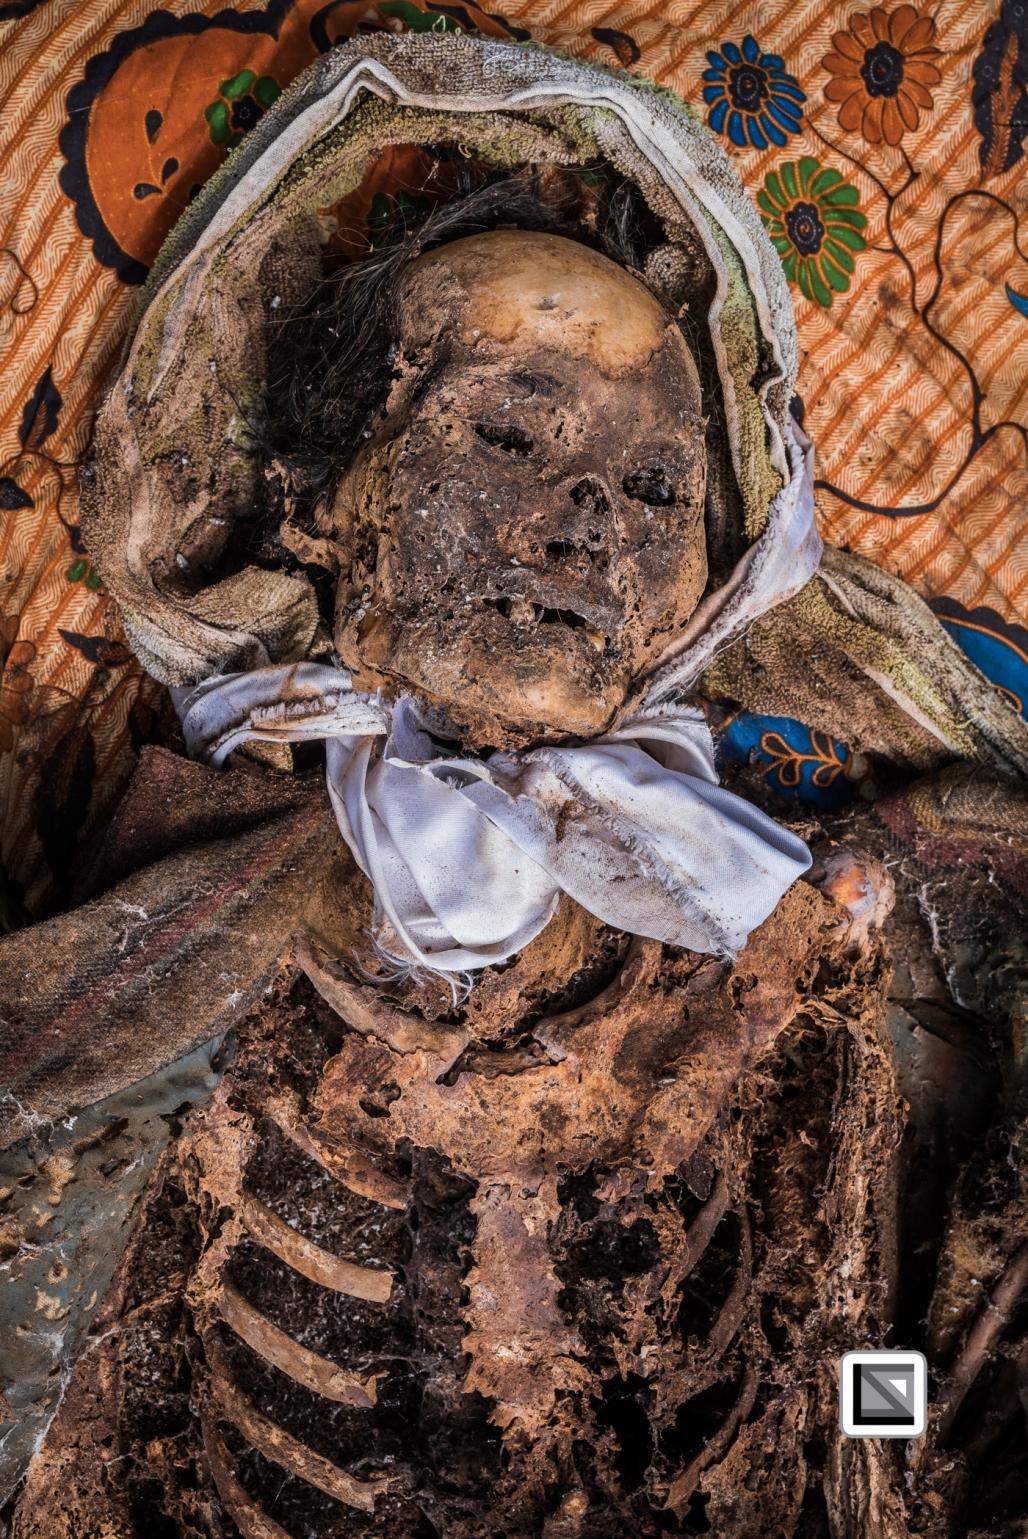 Indonesia-Toraja-Panggala_Manene-Sarong_Allos_mother-1